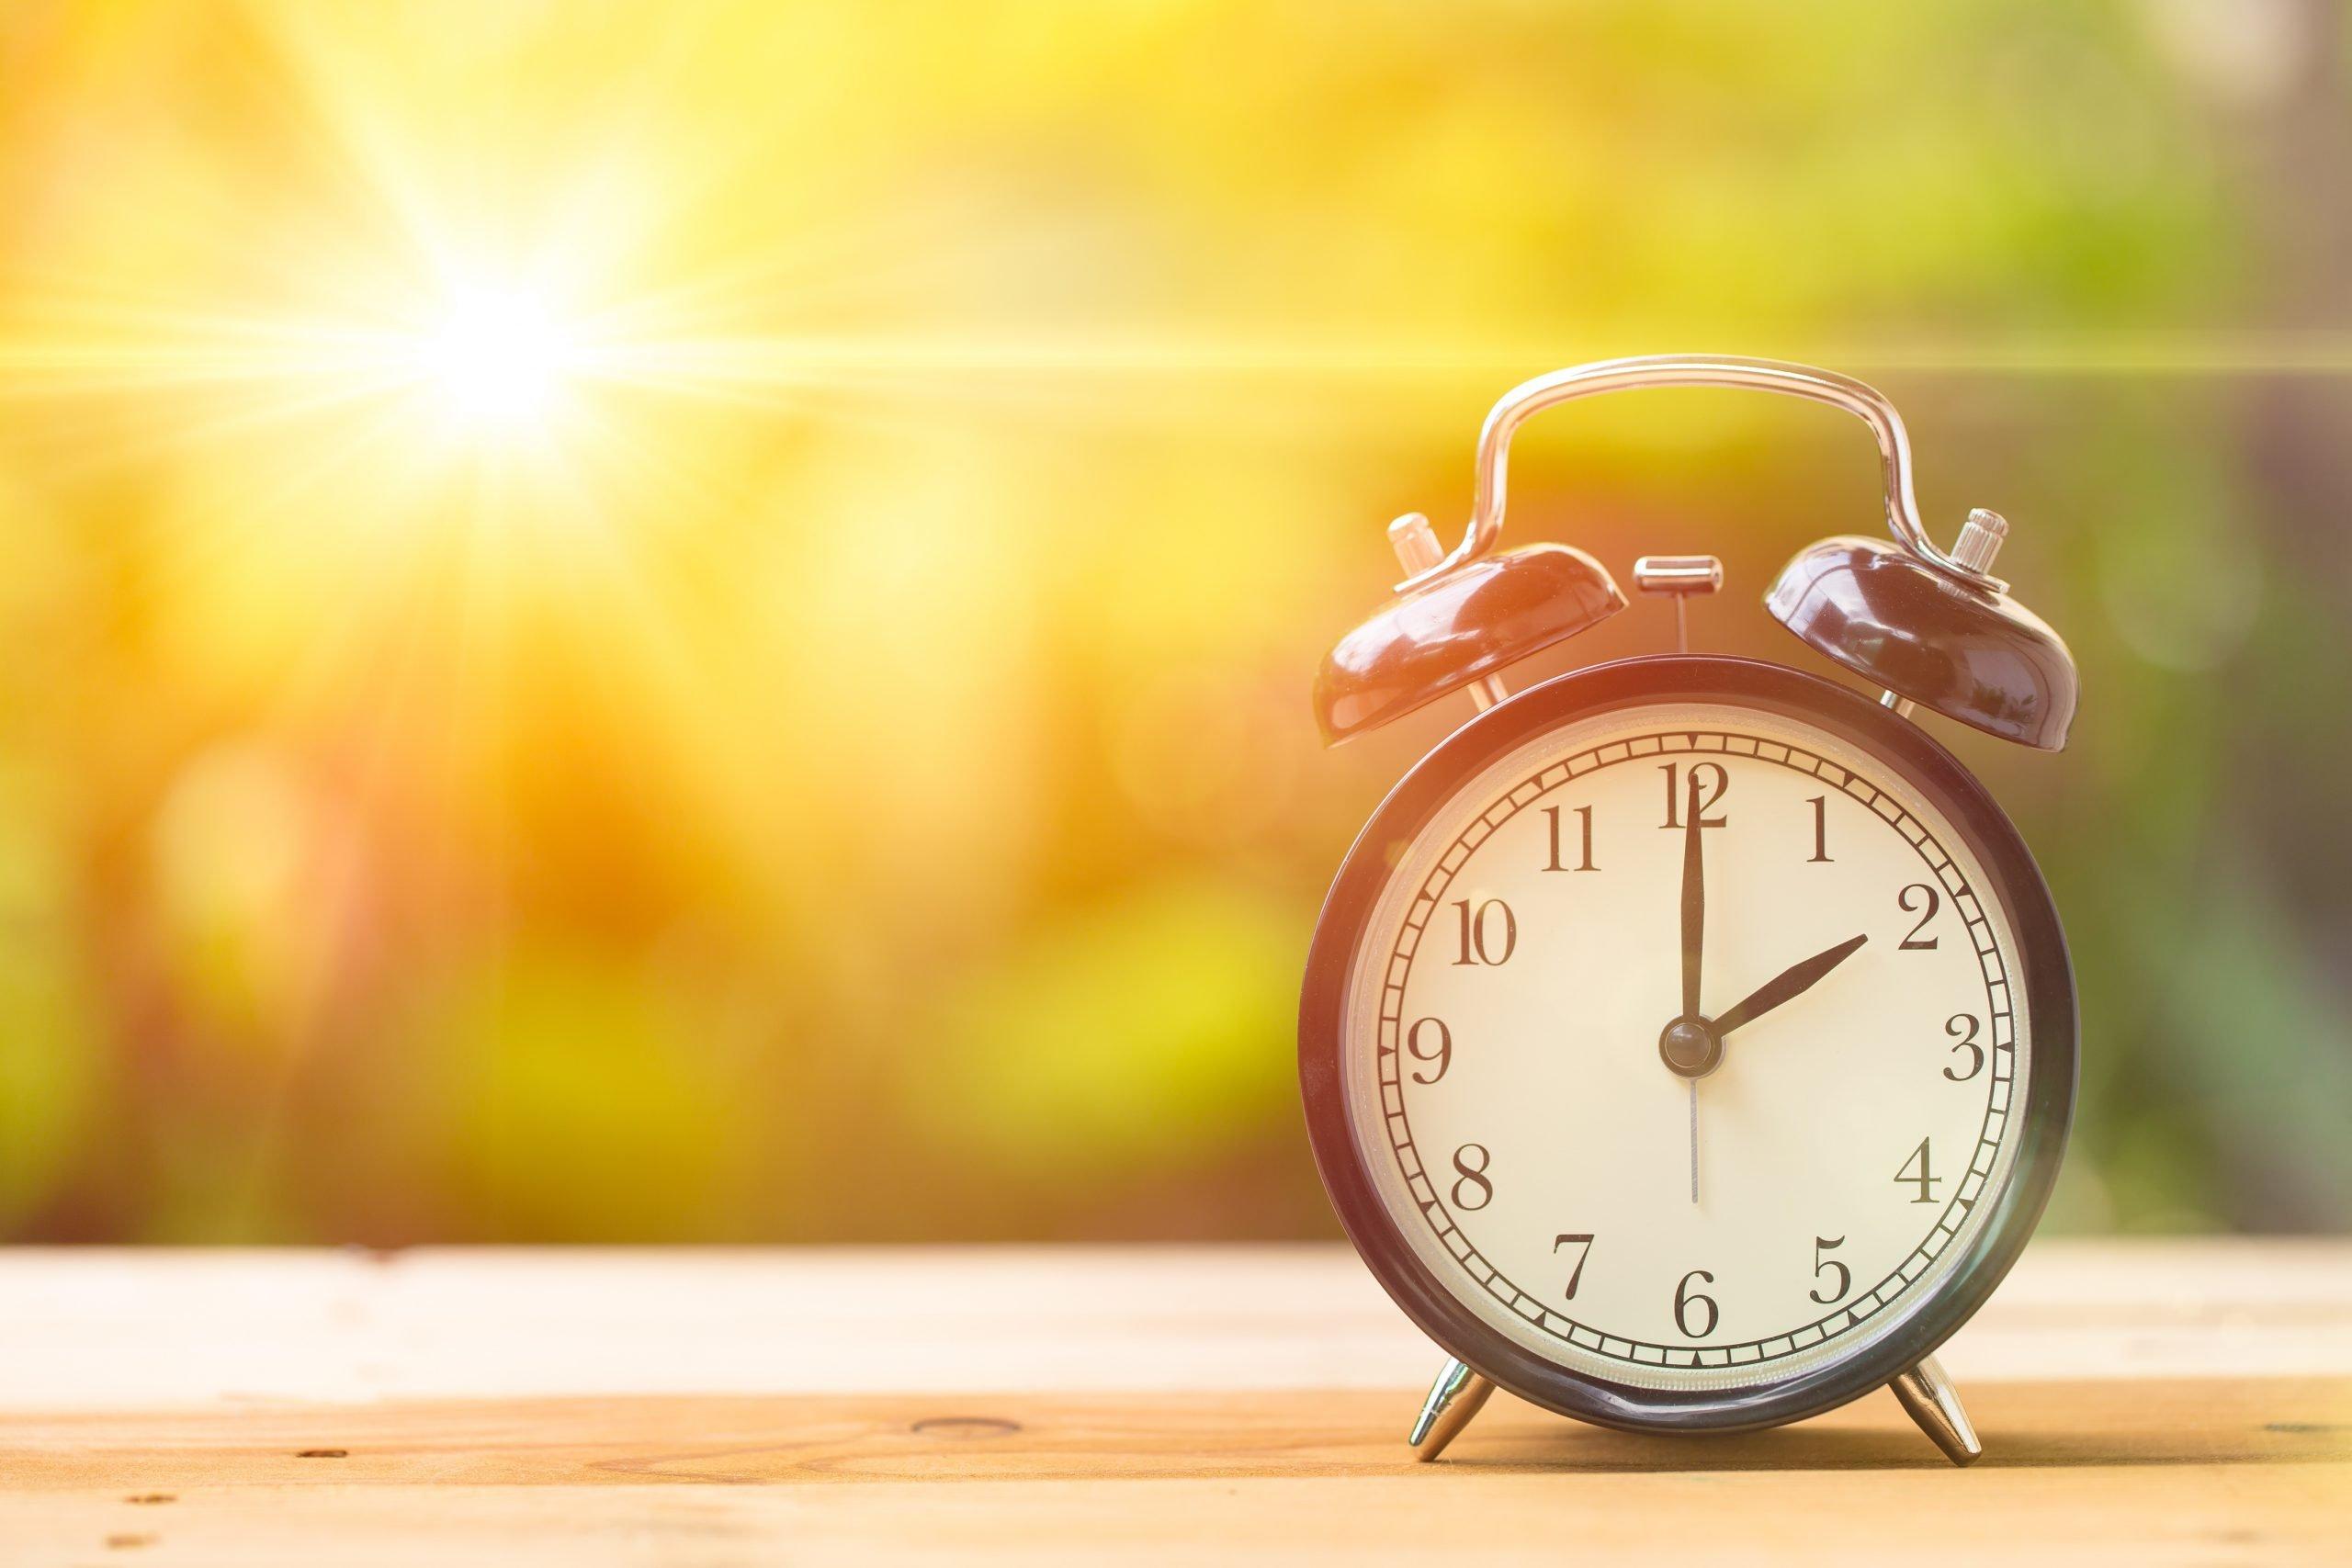 Światłoterapia - w jakich godzinach?